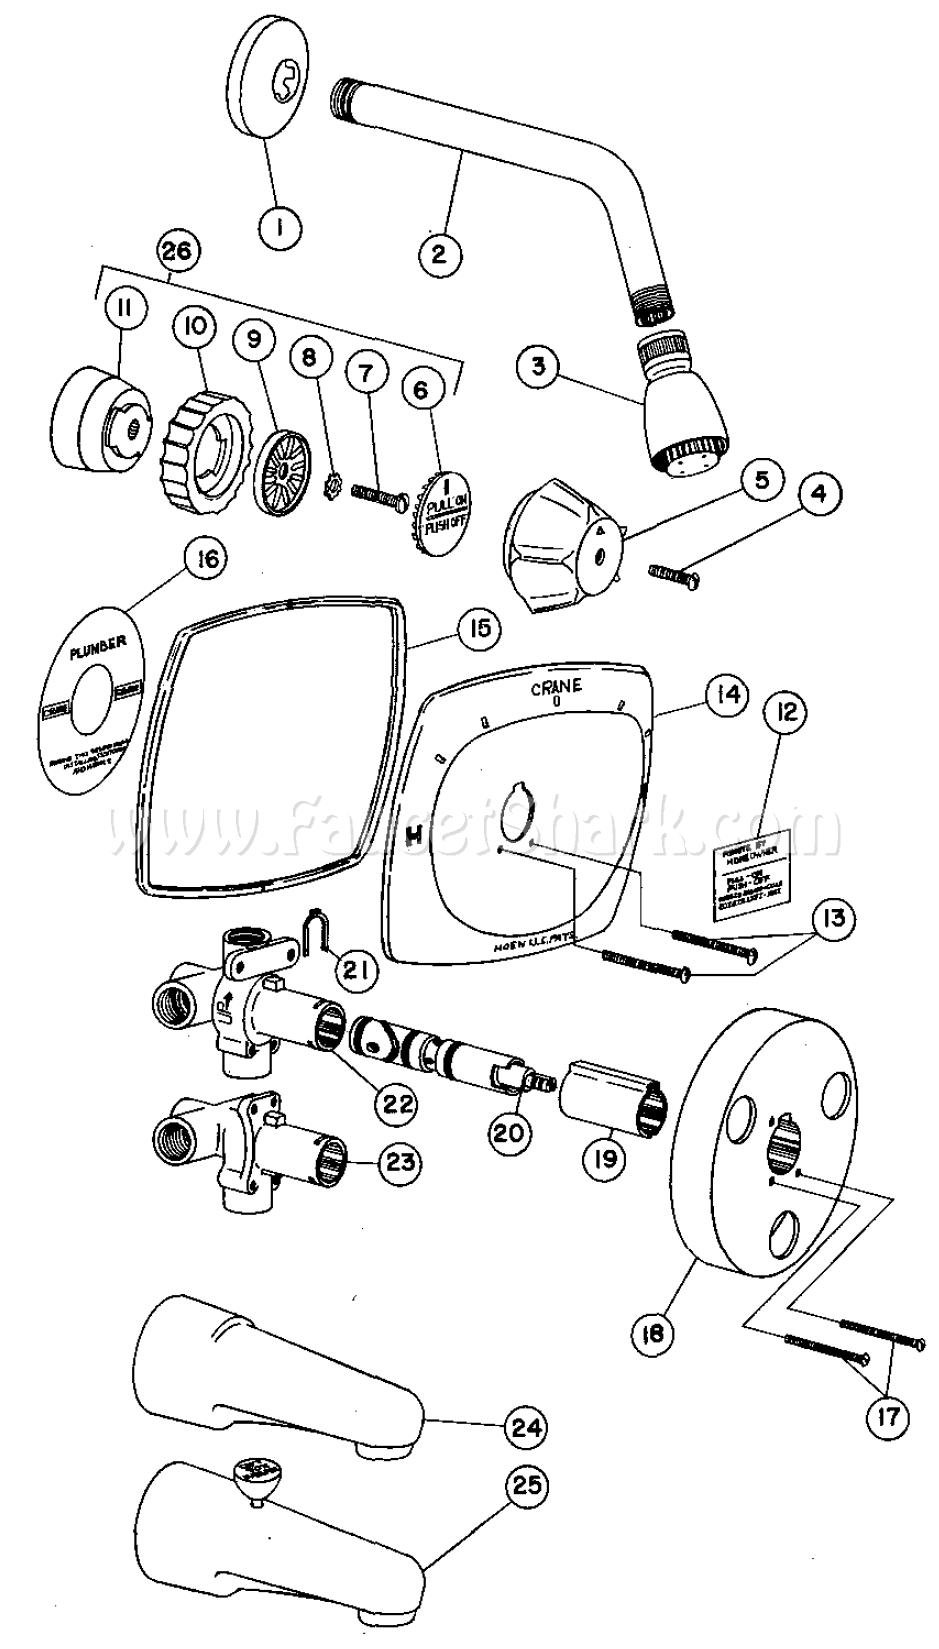 Crane 8-2420 Capri Dialette Single Shower Faucet Parts